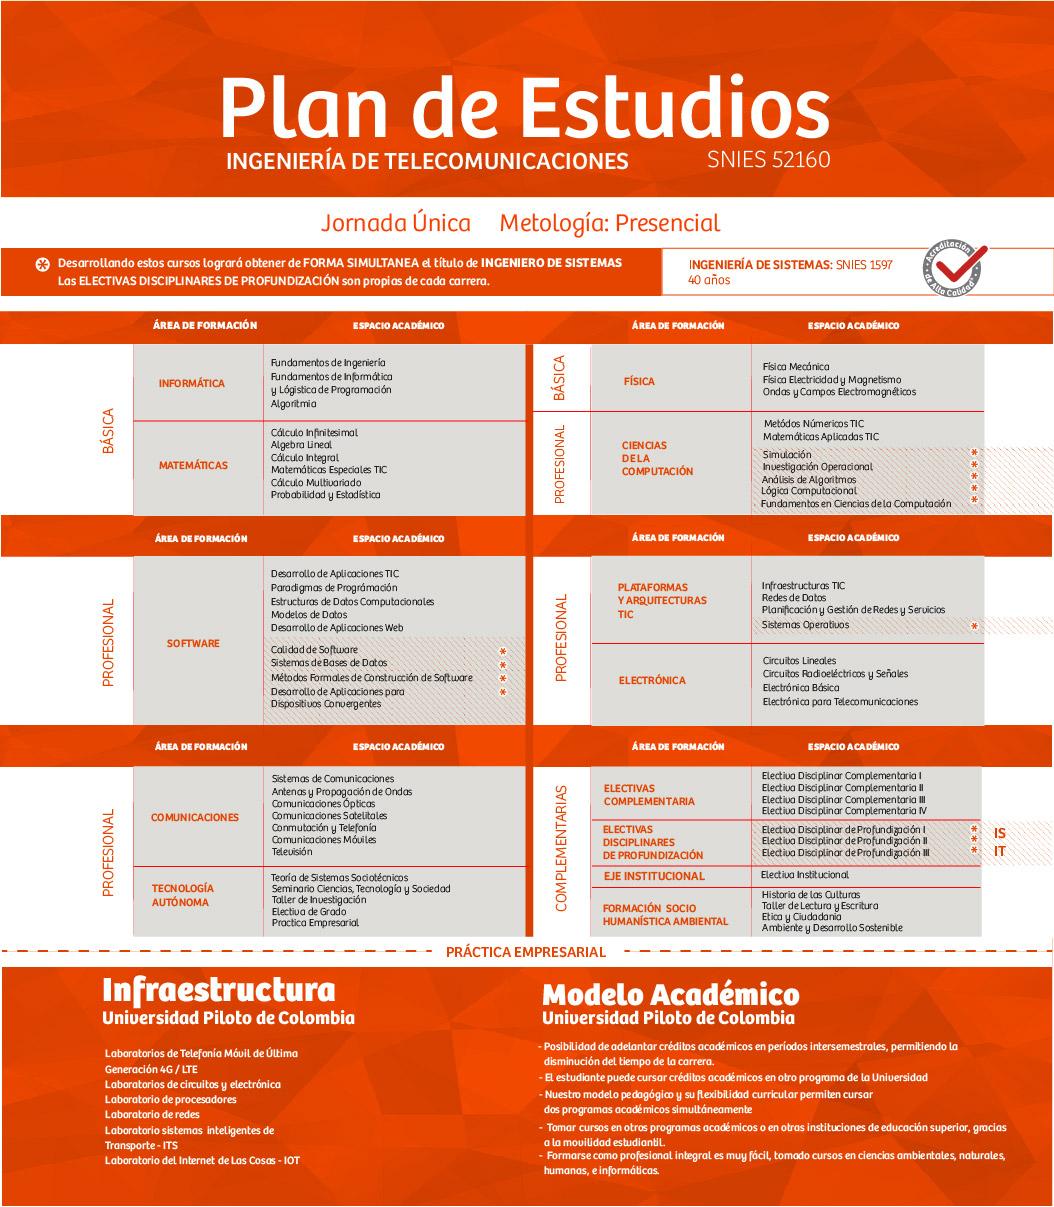 Plan de Estudios de Ing de Telecomunicaciones